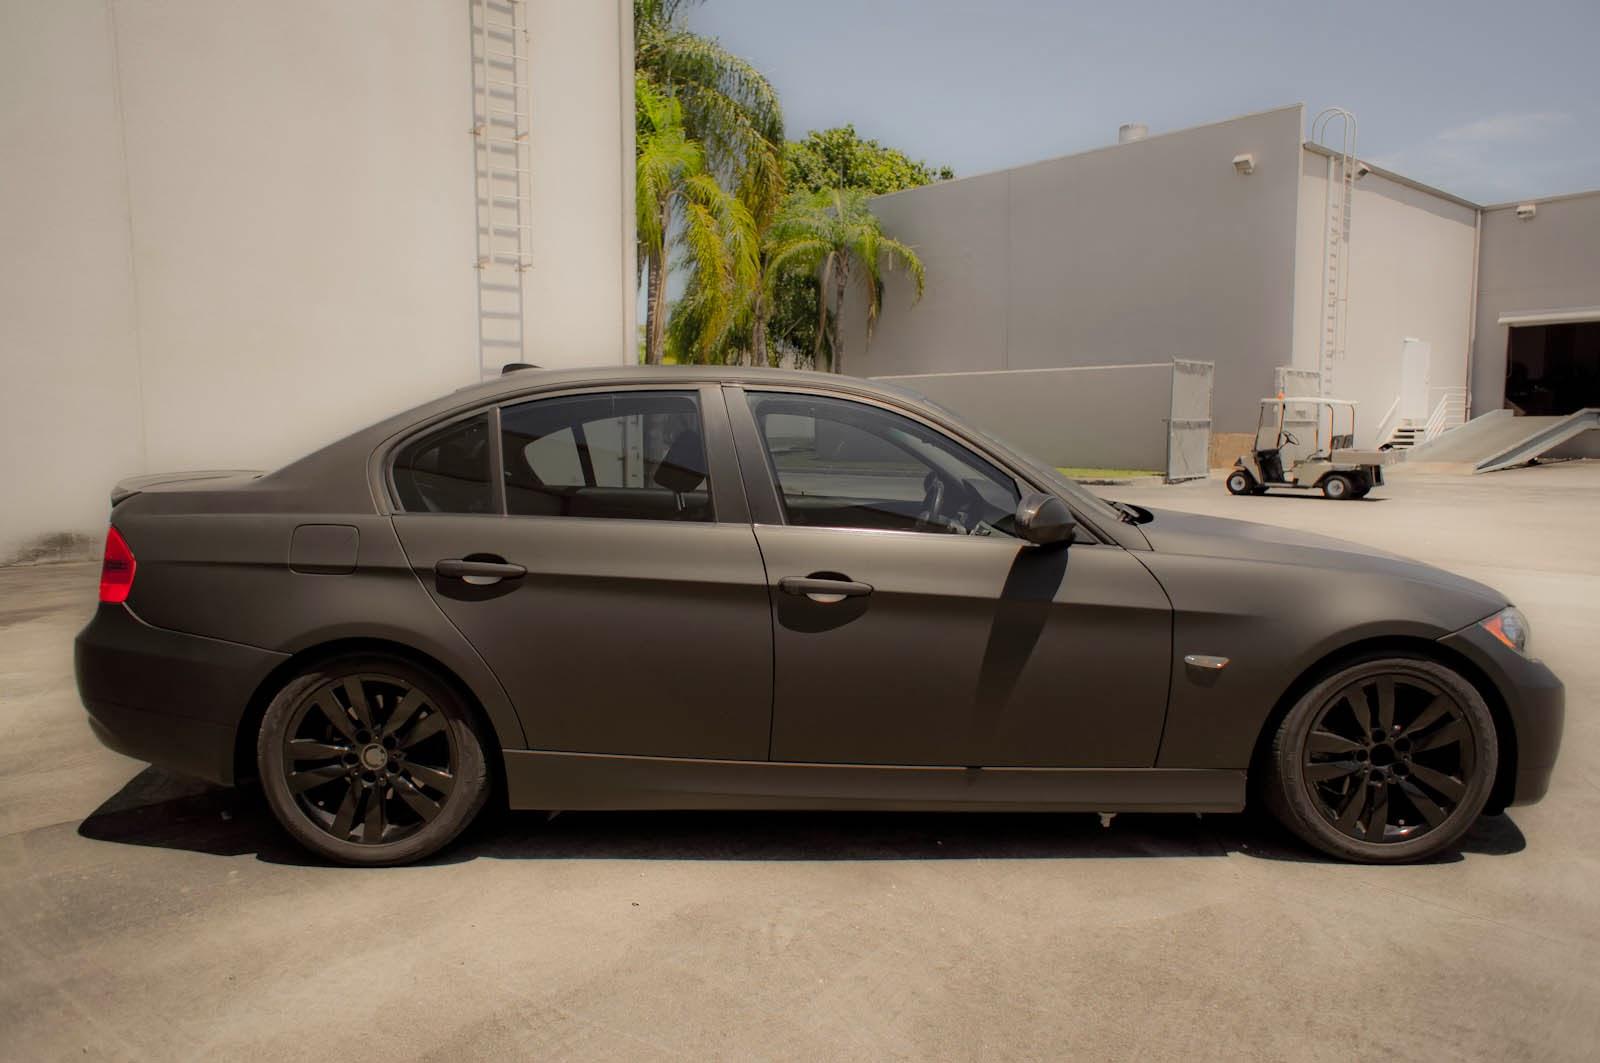 Bmw 3 Series Matte Black Car Wrap Boca Raton Florida 3m Preferred